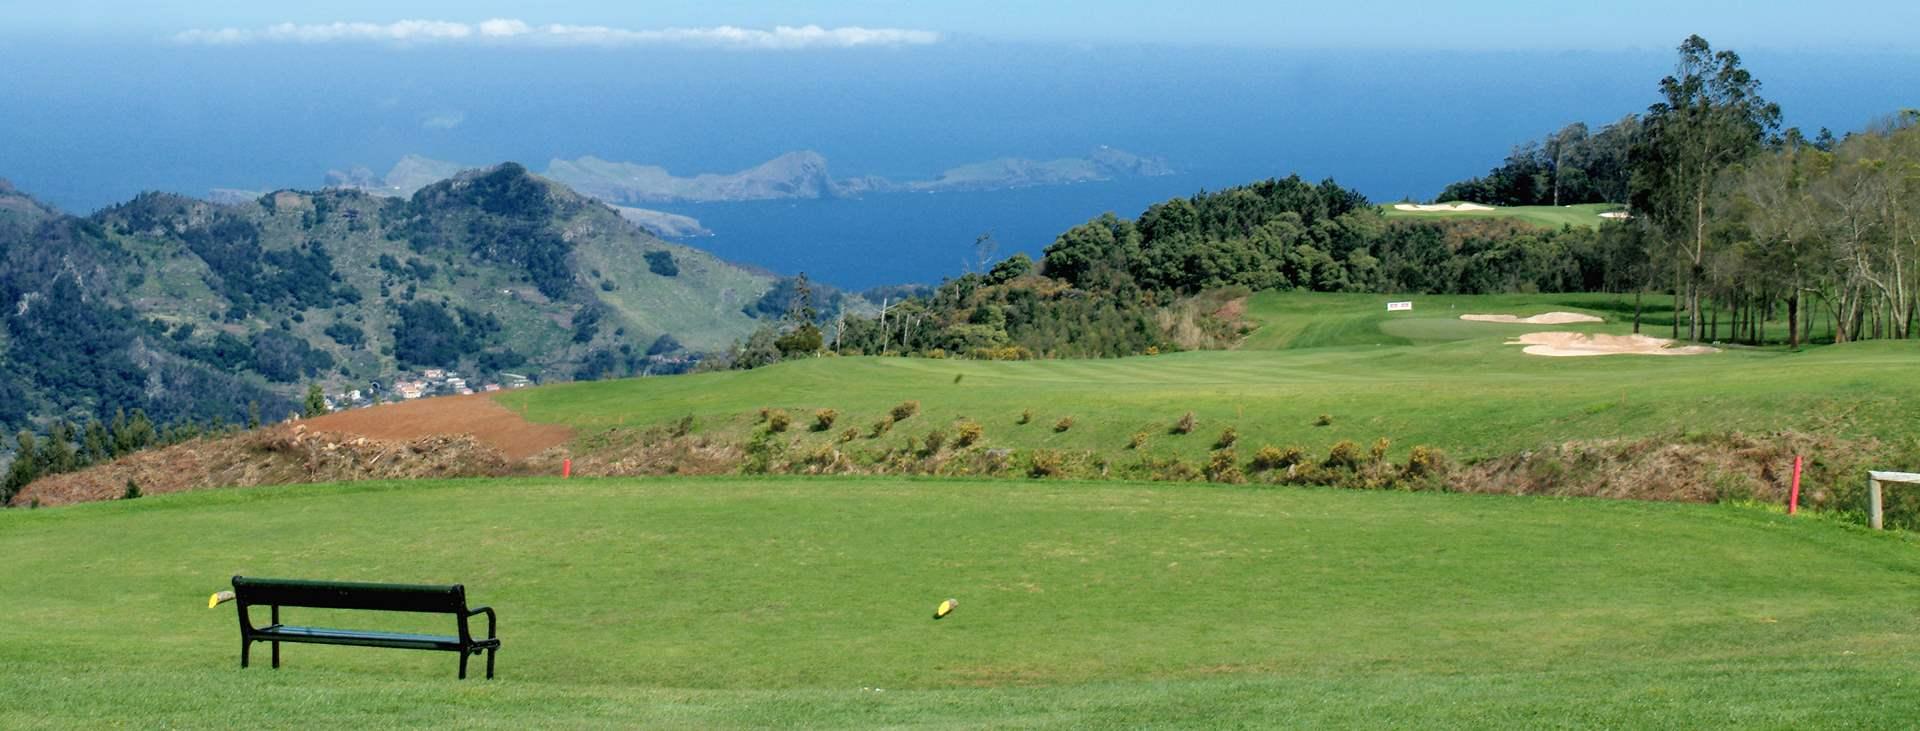 Boka din resa till Santo da Serra på Madeira med Ving